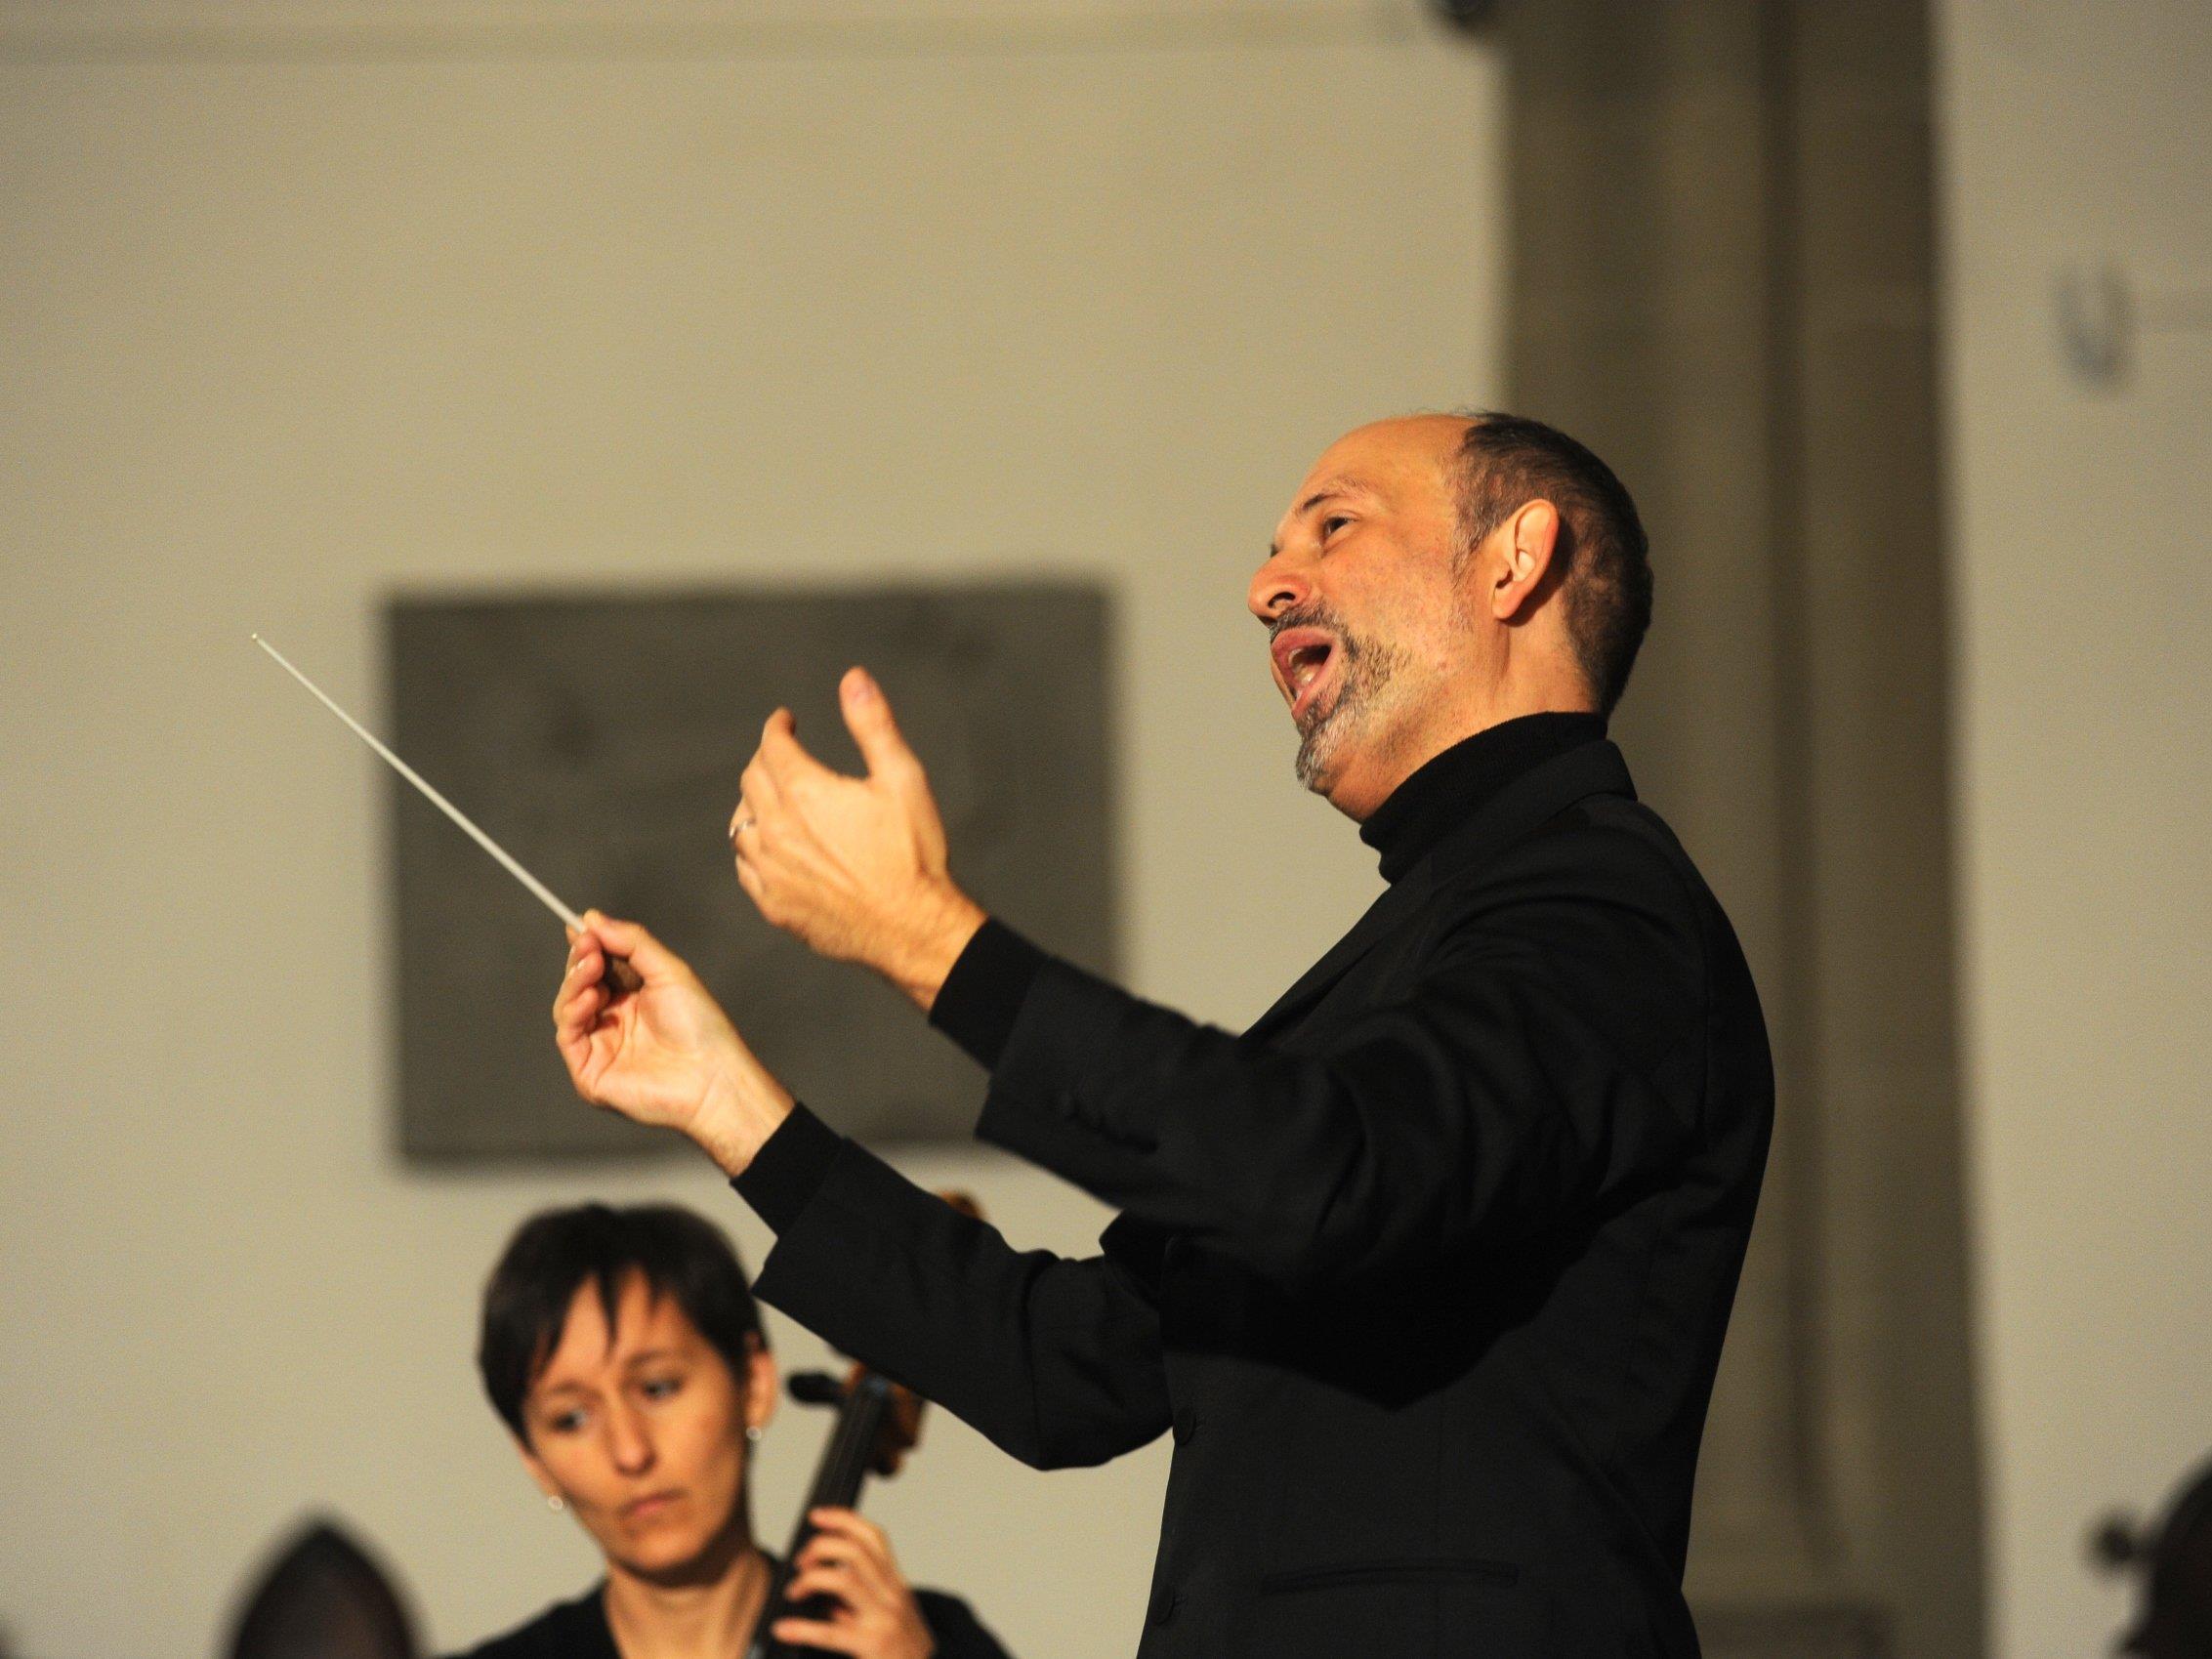 Einfühlsam und schwungvoll dirigiert DKM Benjamin Lack Orchester, Projektchor und Solisten.